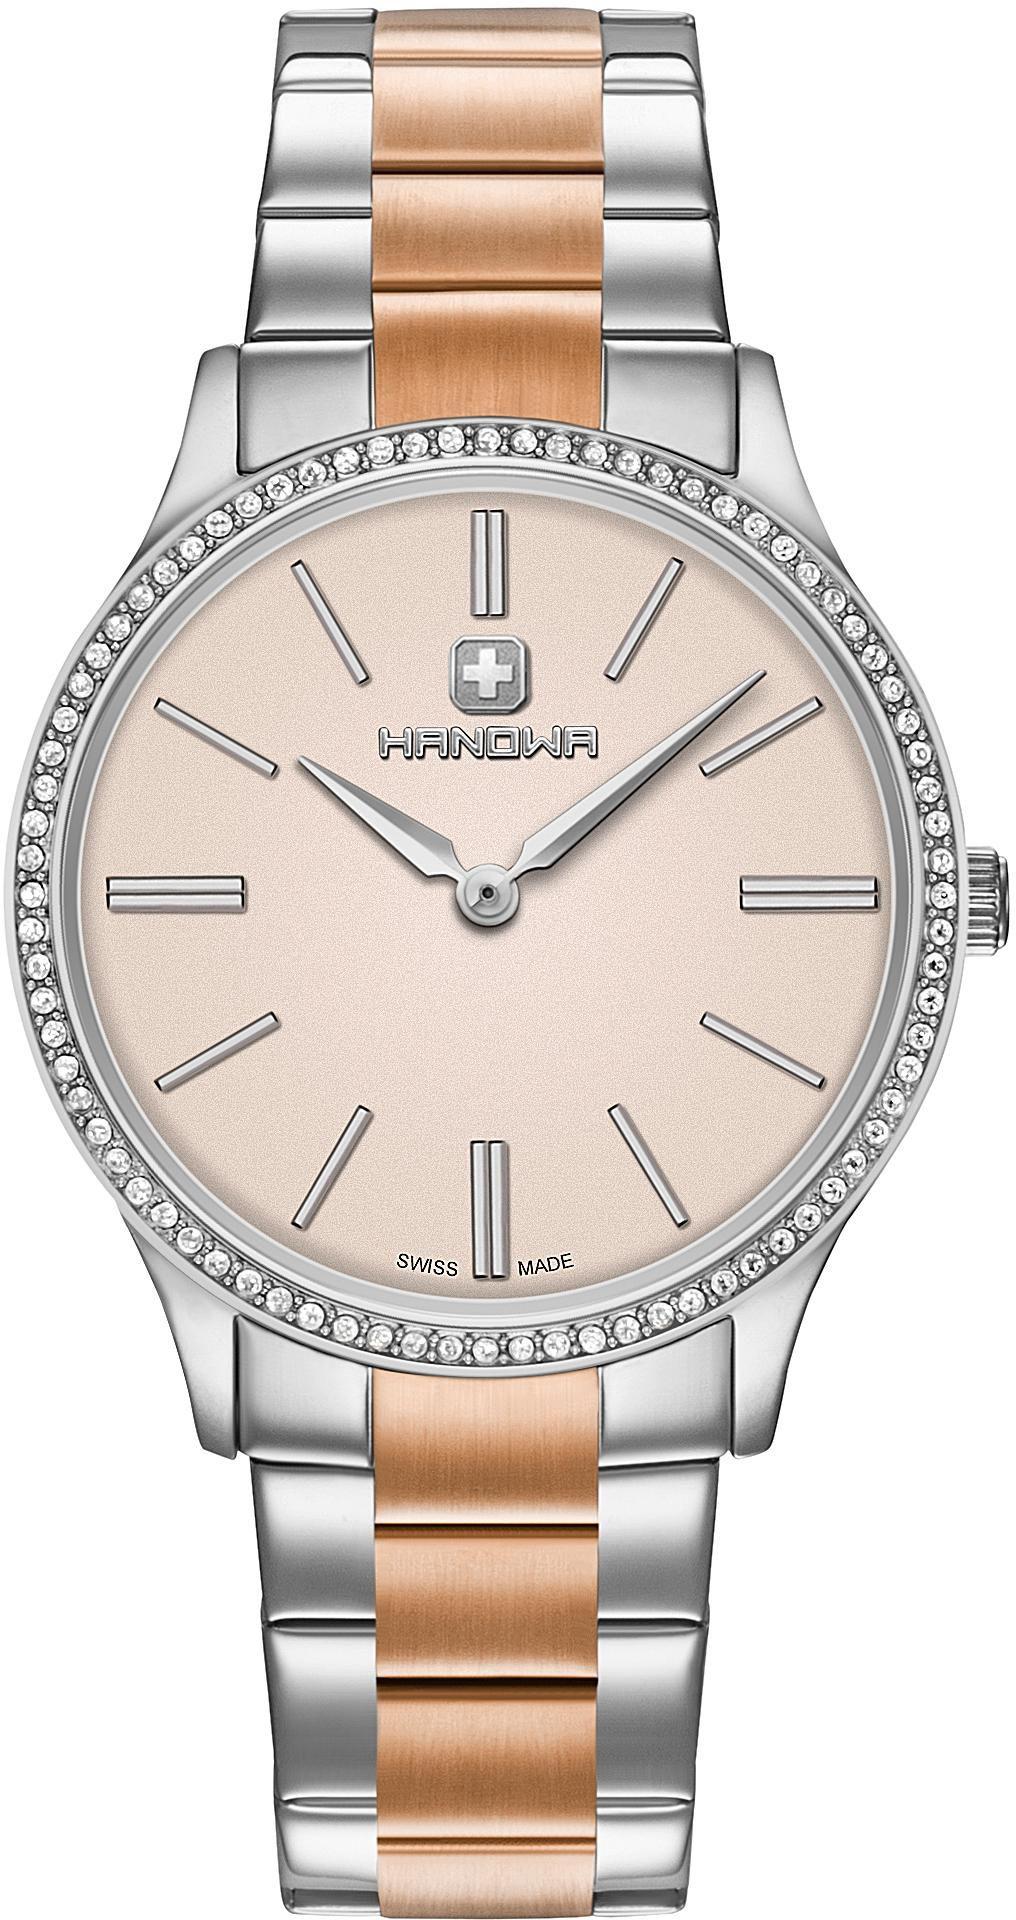 HANOWA Hanowa Schweizer Uhr »LENA, 16-7067.12.002«